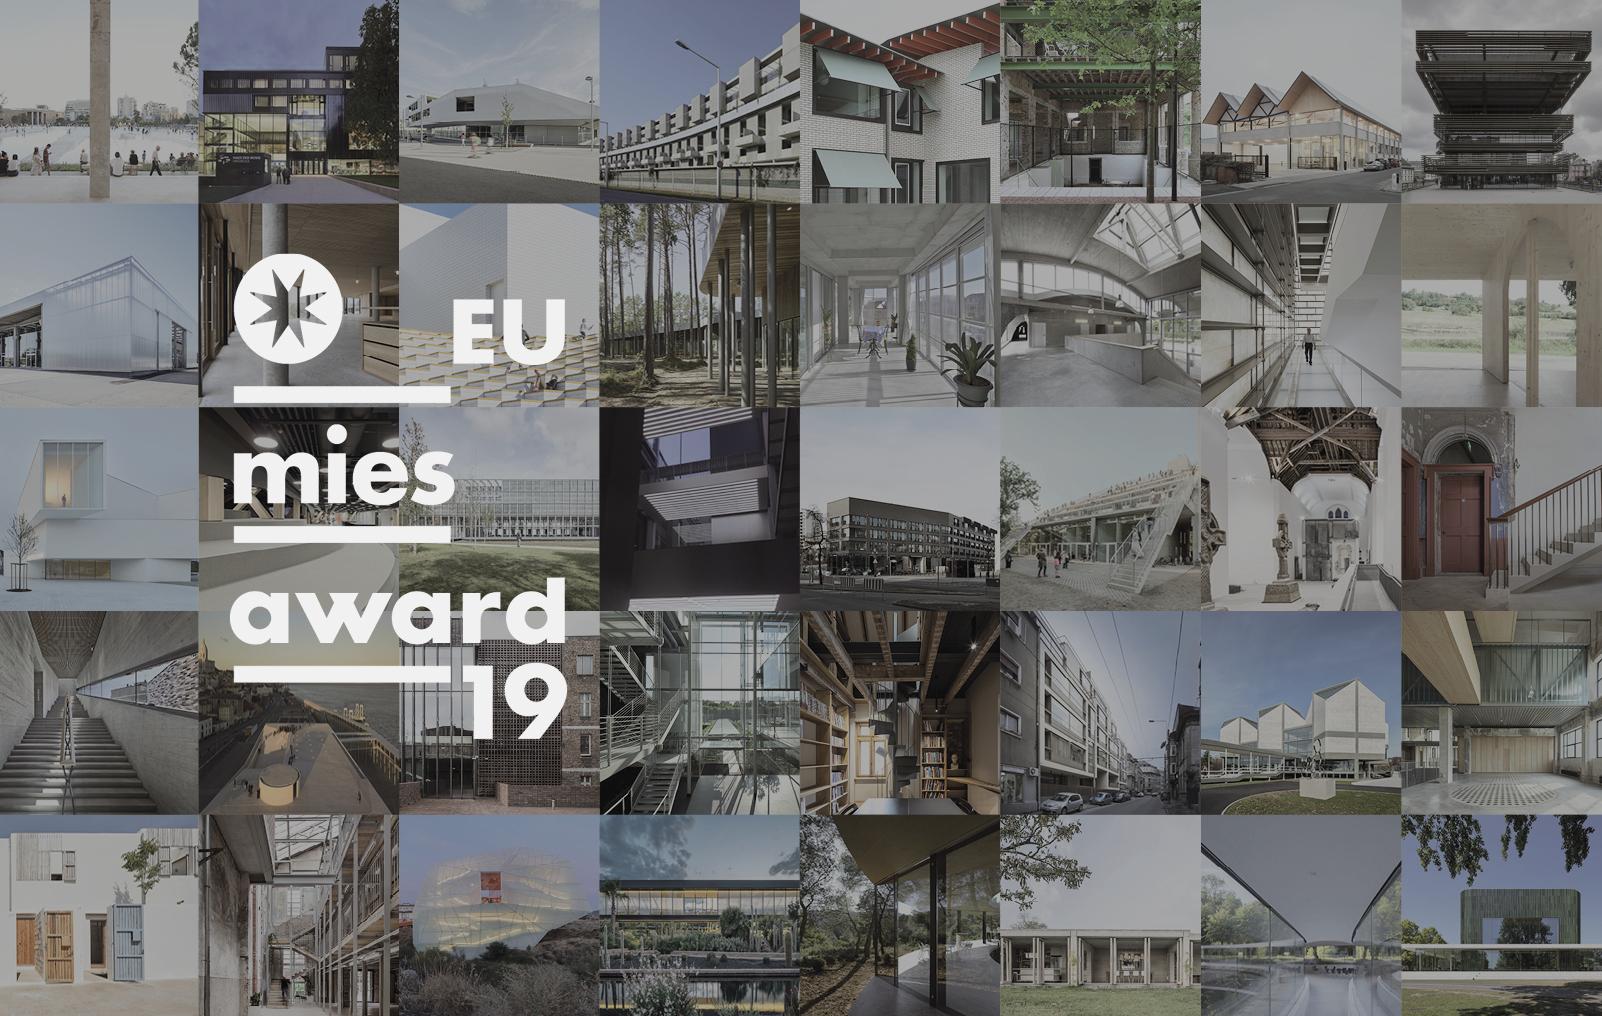 EU Mies Award 2019